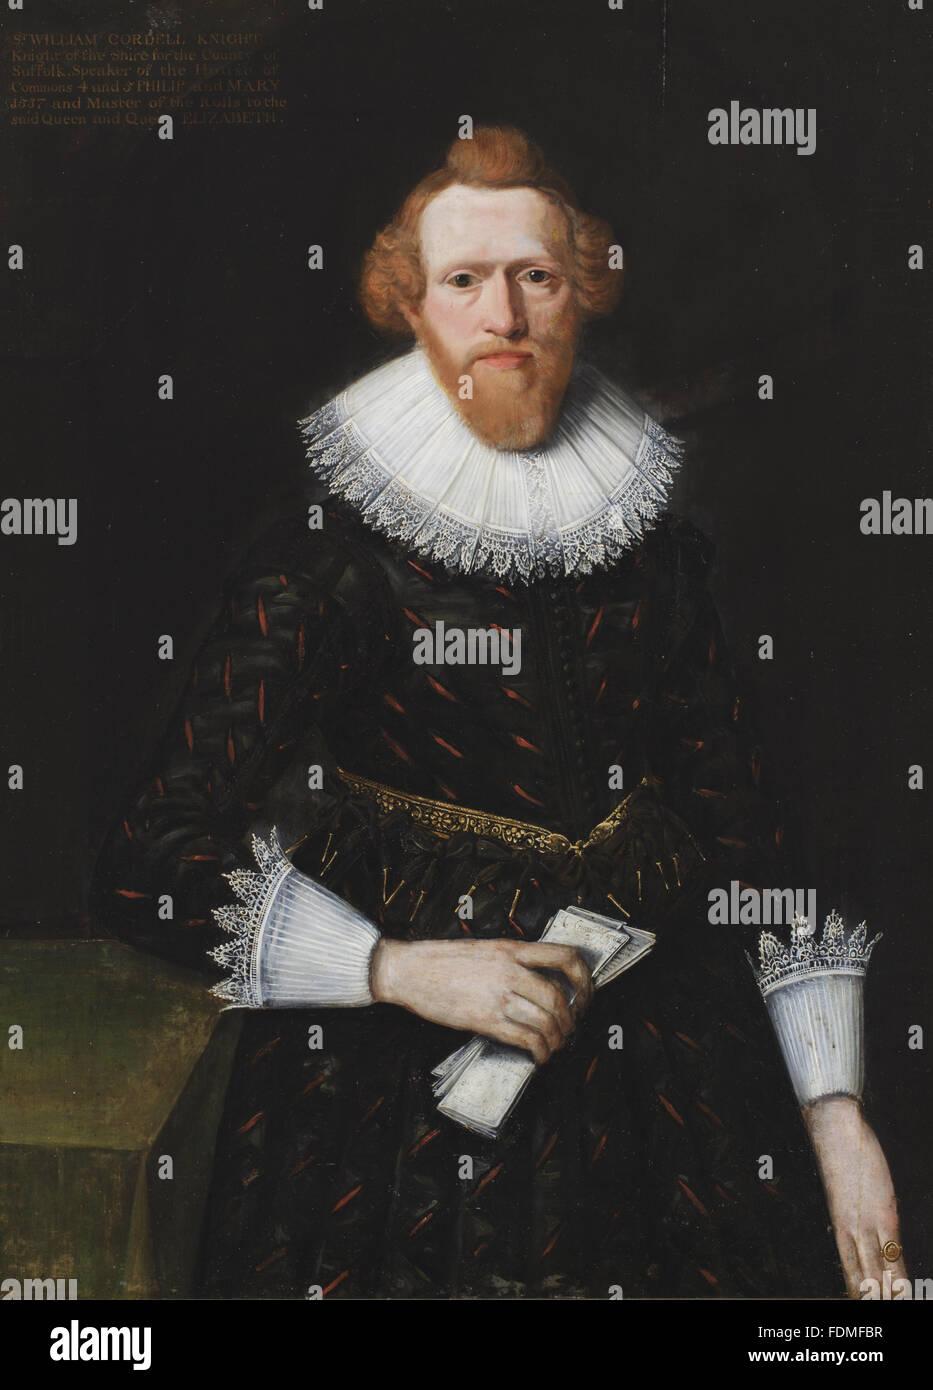 SIR WILLIAM CORDELL Kt, (1522-1581), c.1620, c.1625, britische (englische) Schule an Melford Hall in Suffolk genannt. Stockbild